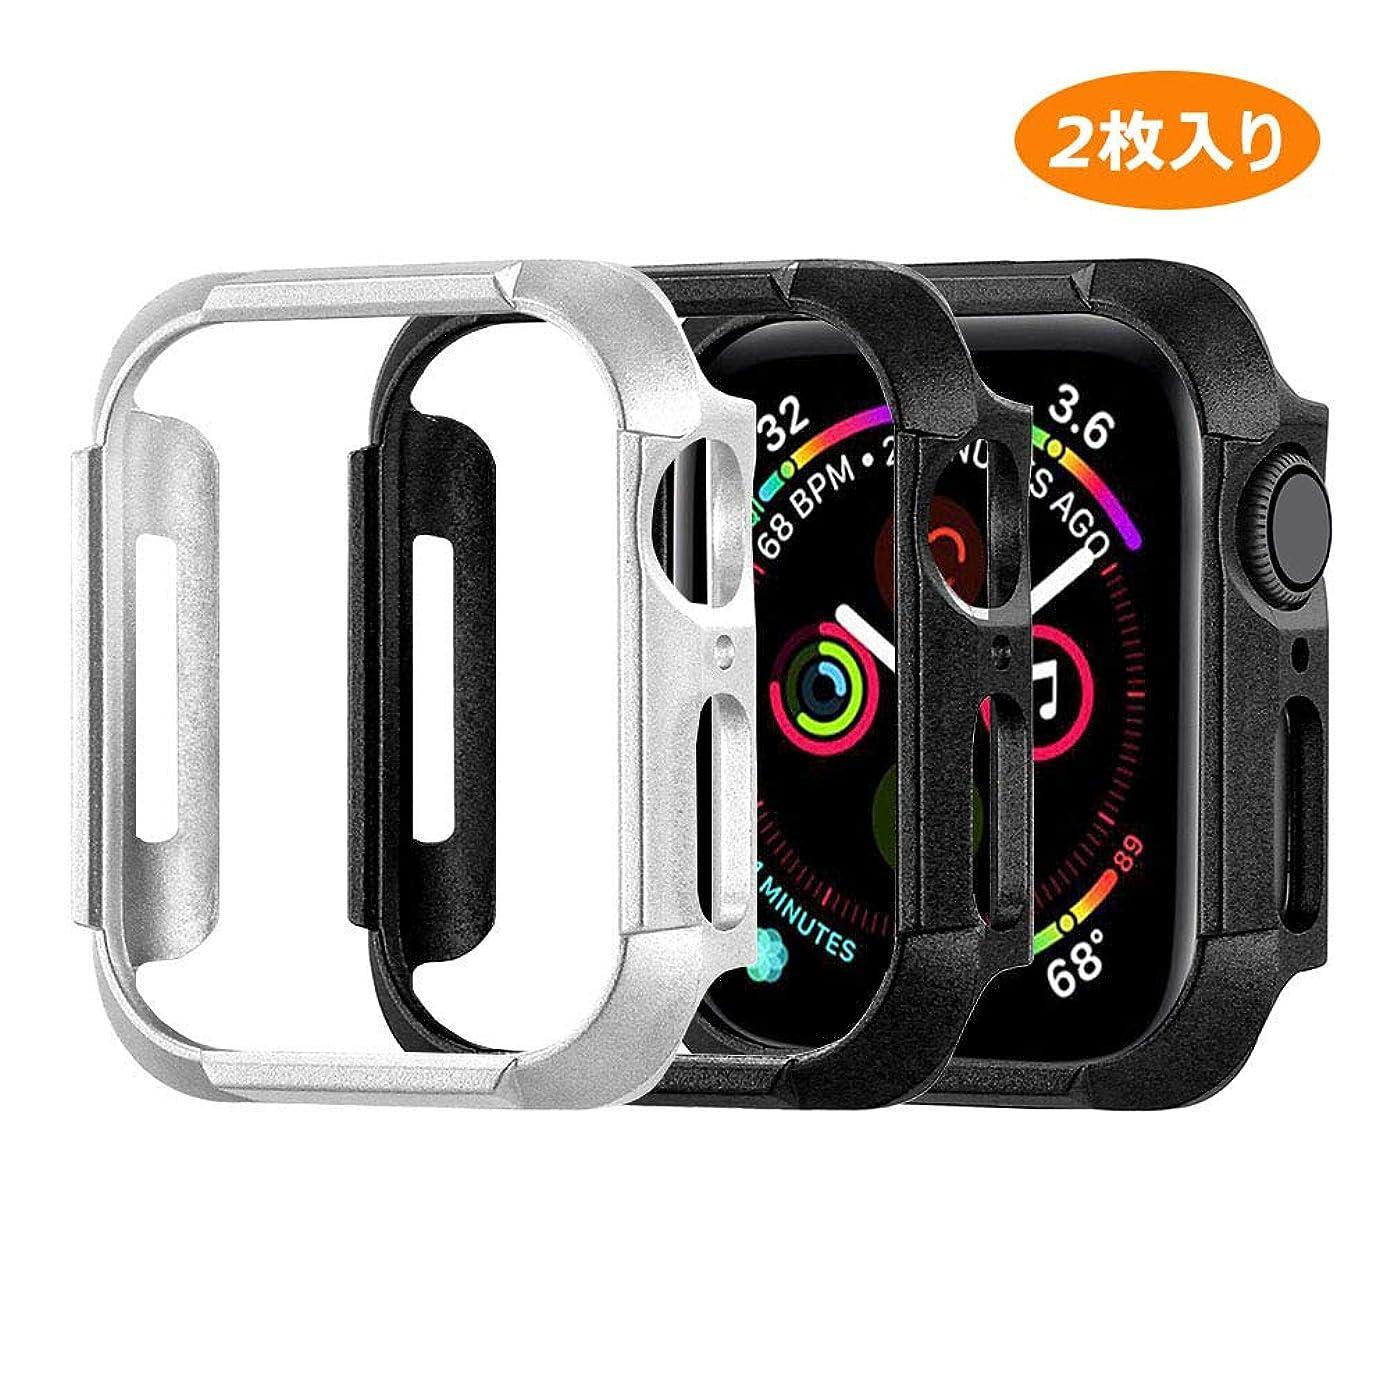 救急車リダクター削る[2枚入り]Case Compatible with Apple Watch Series 5 Series 4 Cover,と互換性があるアップルウォッチ44mm 40mm ケースぴかぴかの超薄型PC保護カバースマートウォッチアクセサリ (40mm, ブラック+シルバー)